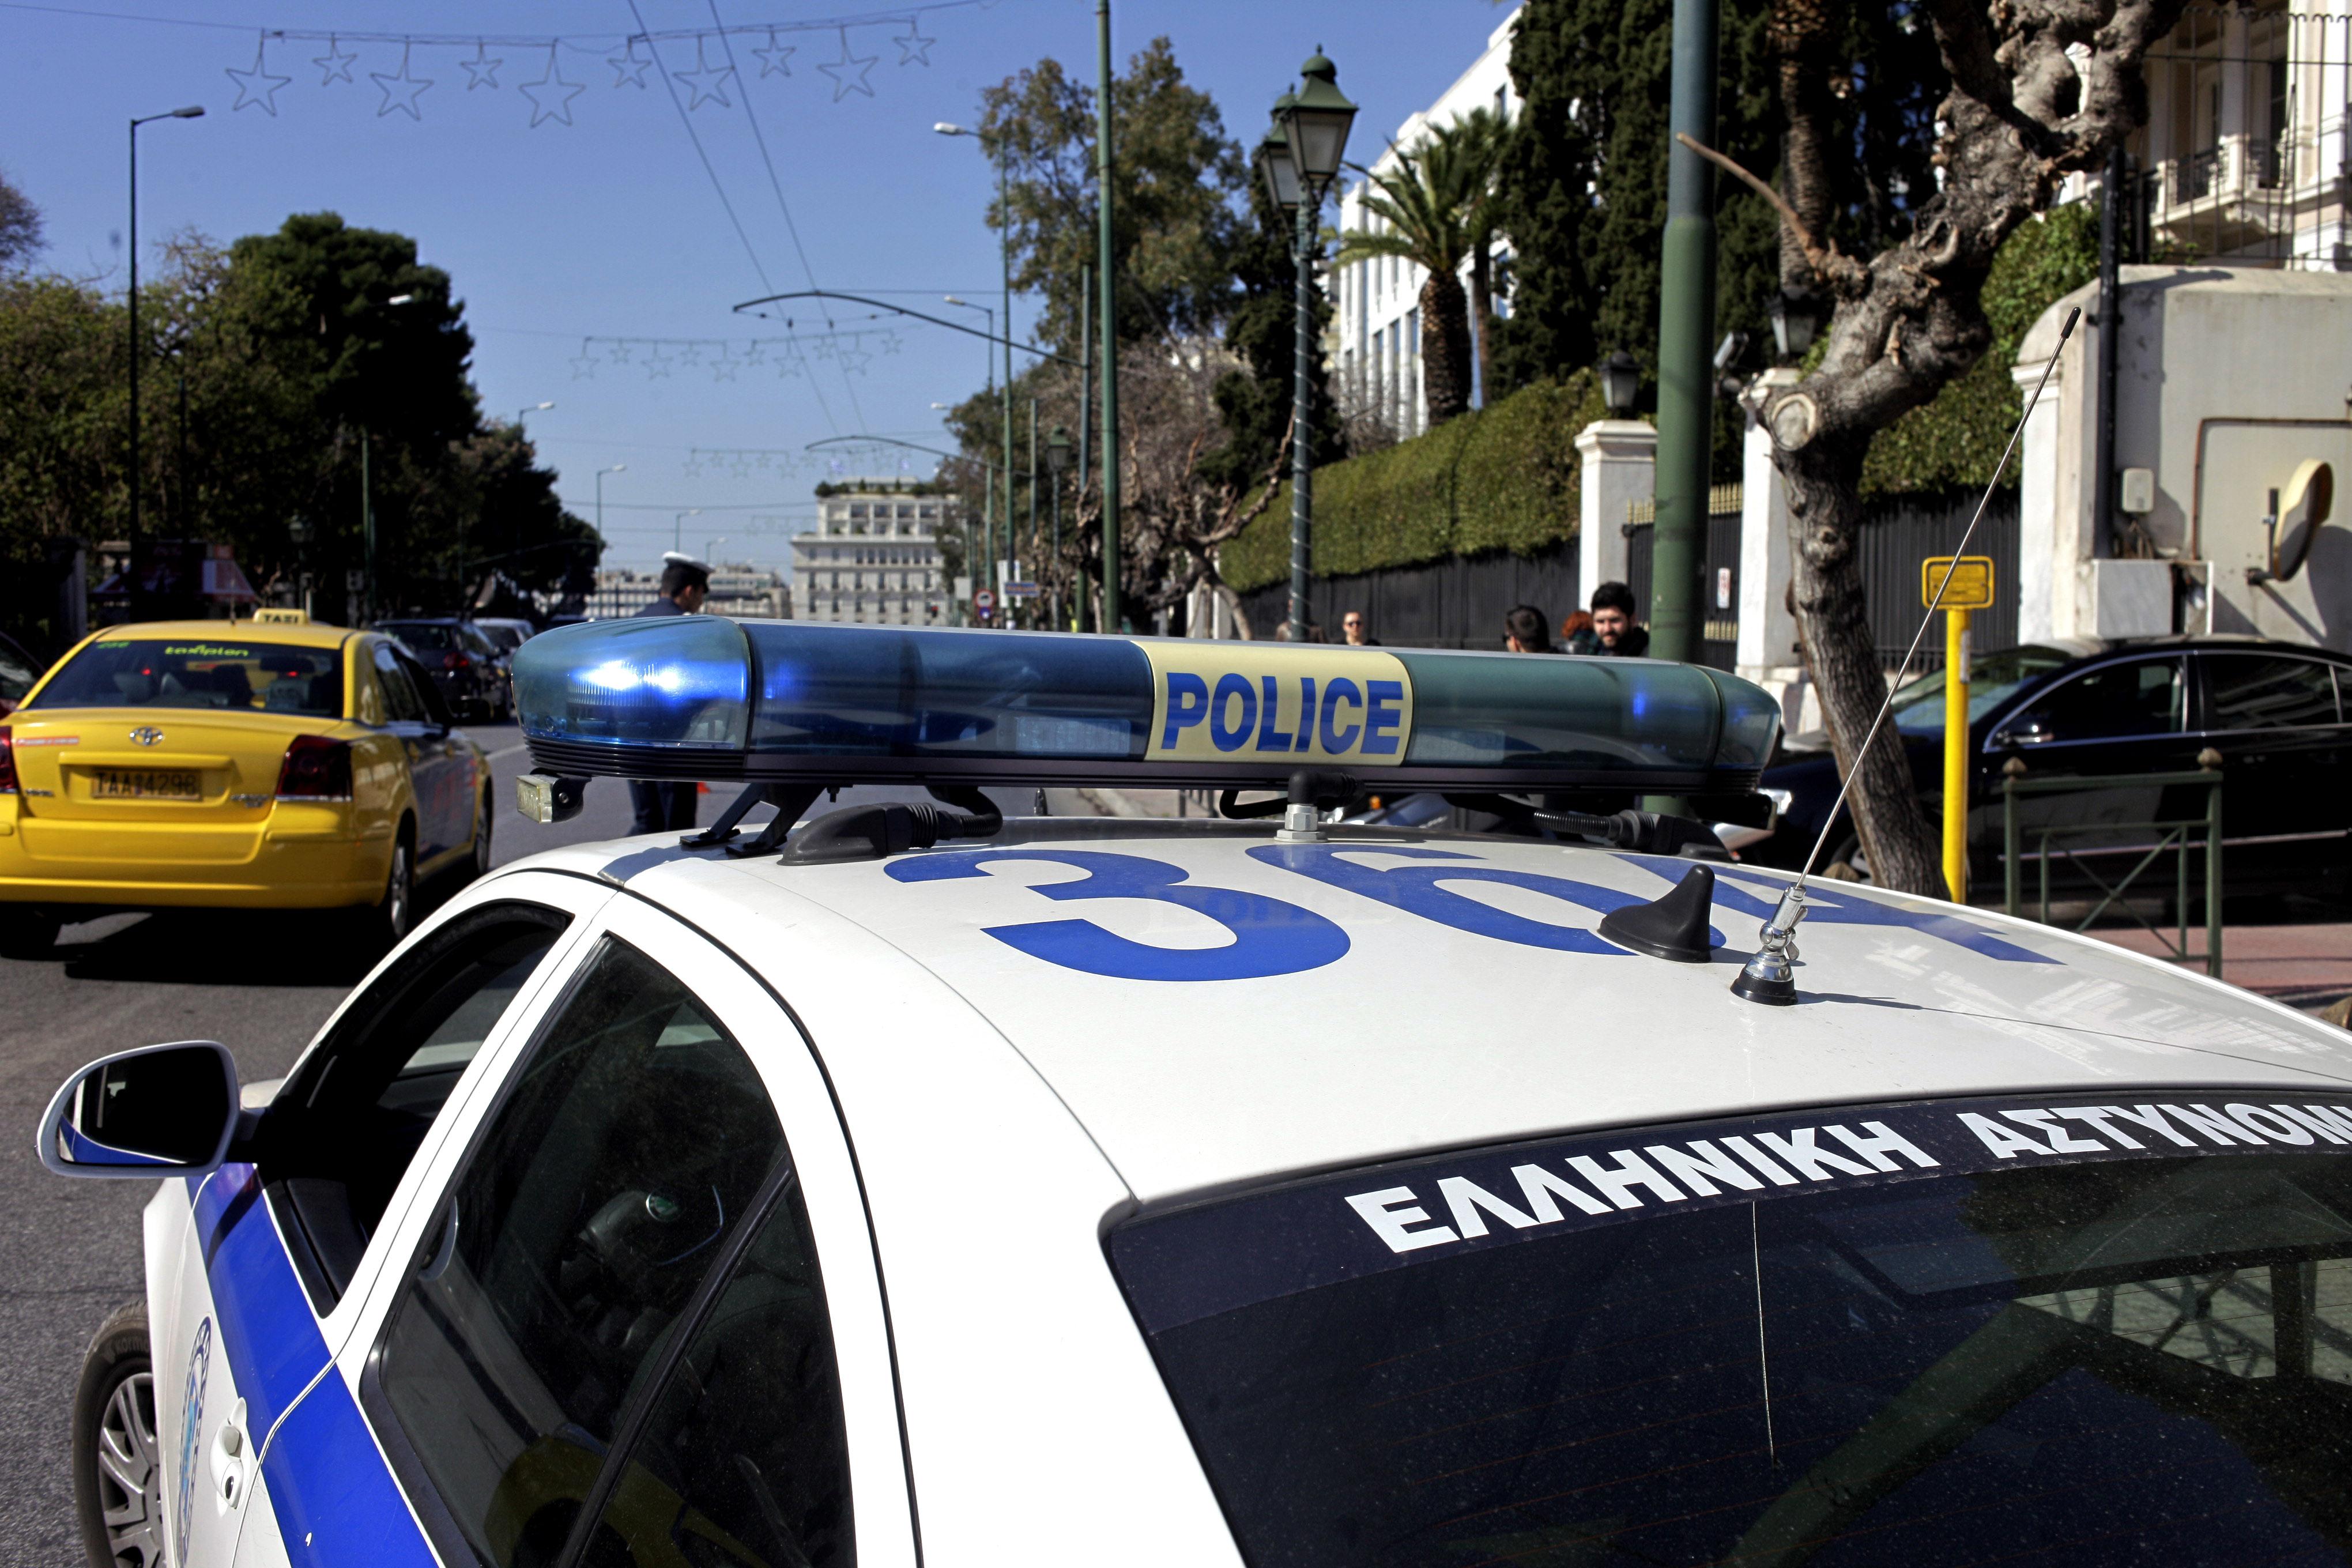 ΕΛ.ΑΣ.: Κίνηση επανεμφάνισης «Σέχτας» πίσω από τα δέματα-βόμβες   tovima.gr